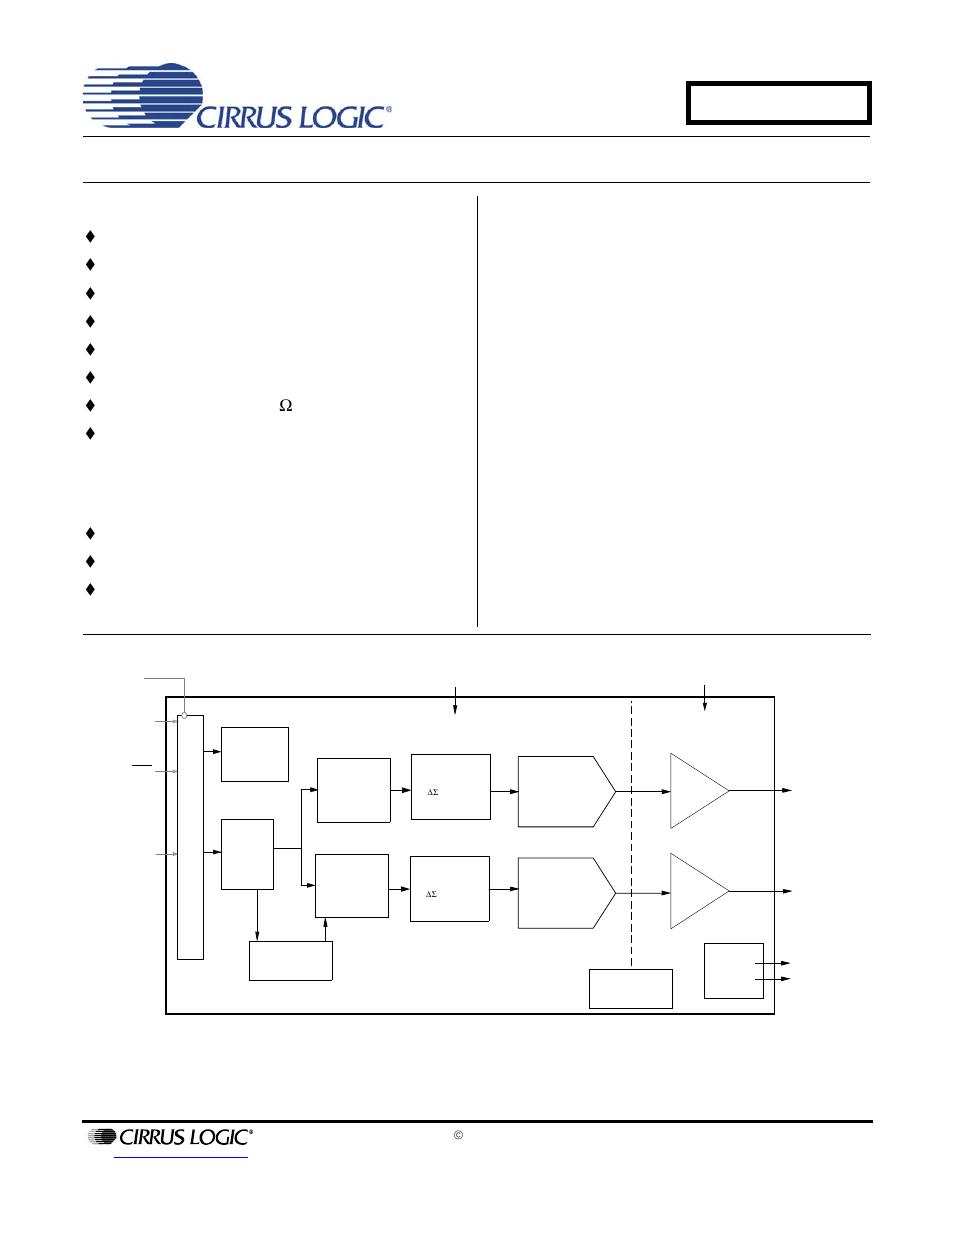 Cirrus Logic Cs4351 User Manual 37 Pages 2 Level Diagram